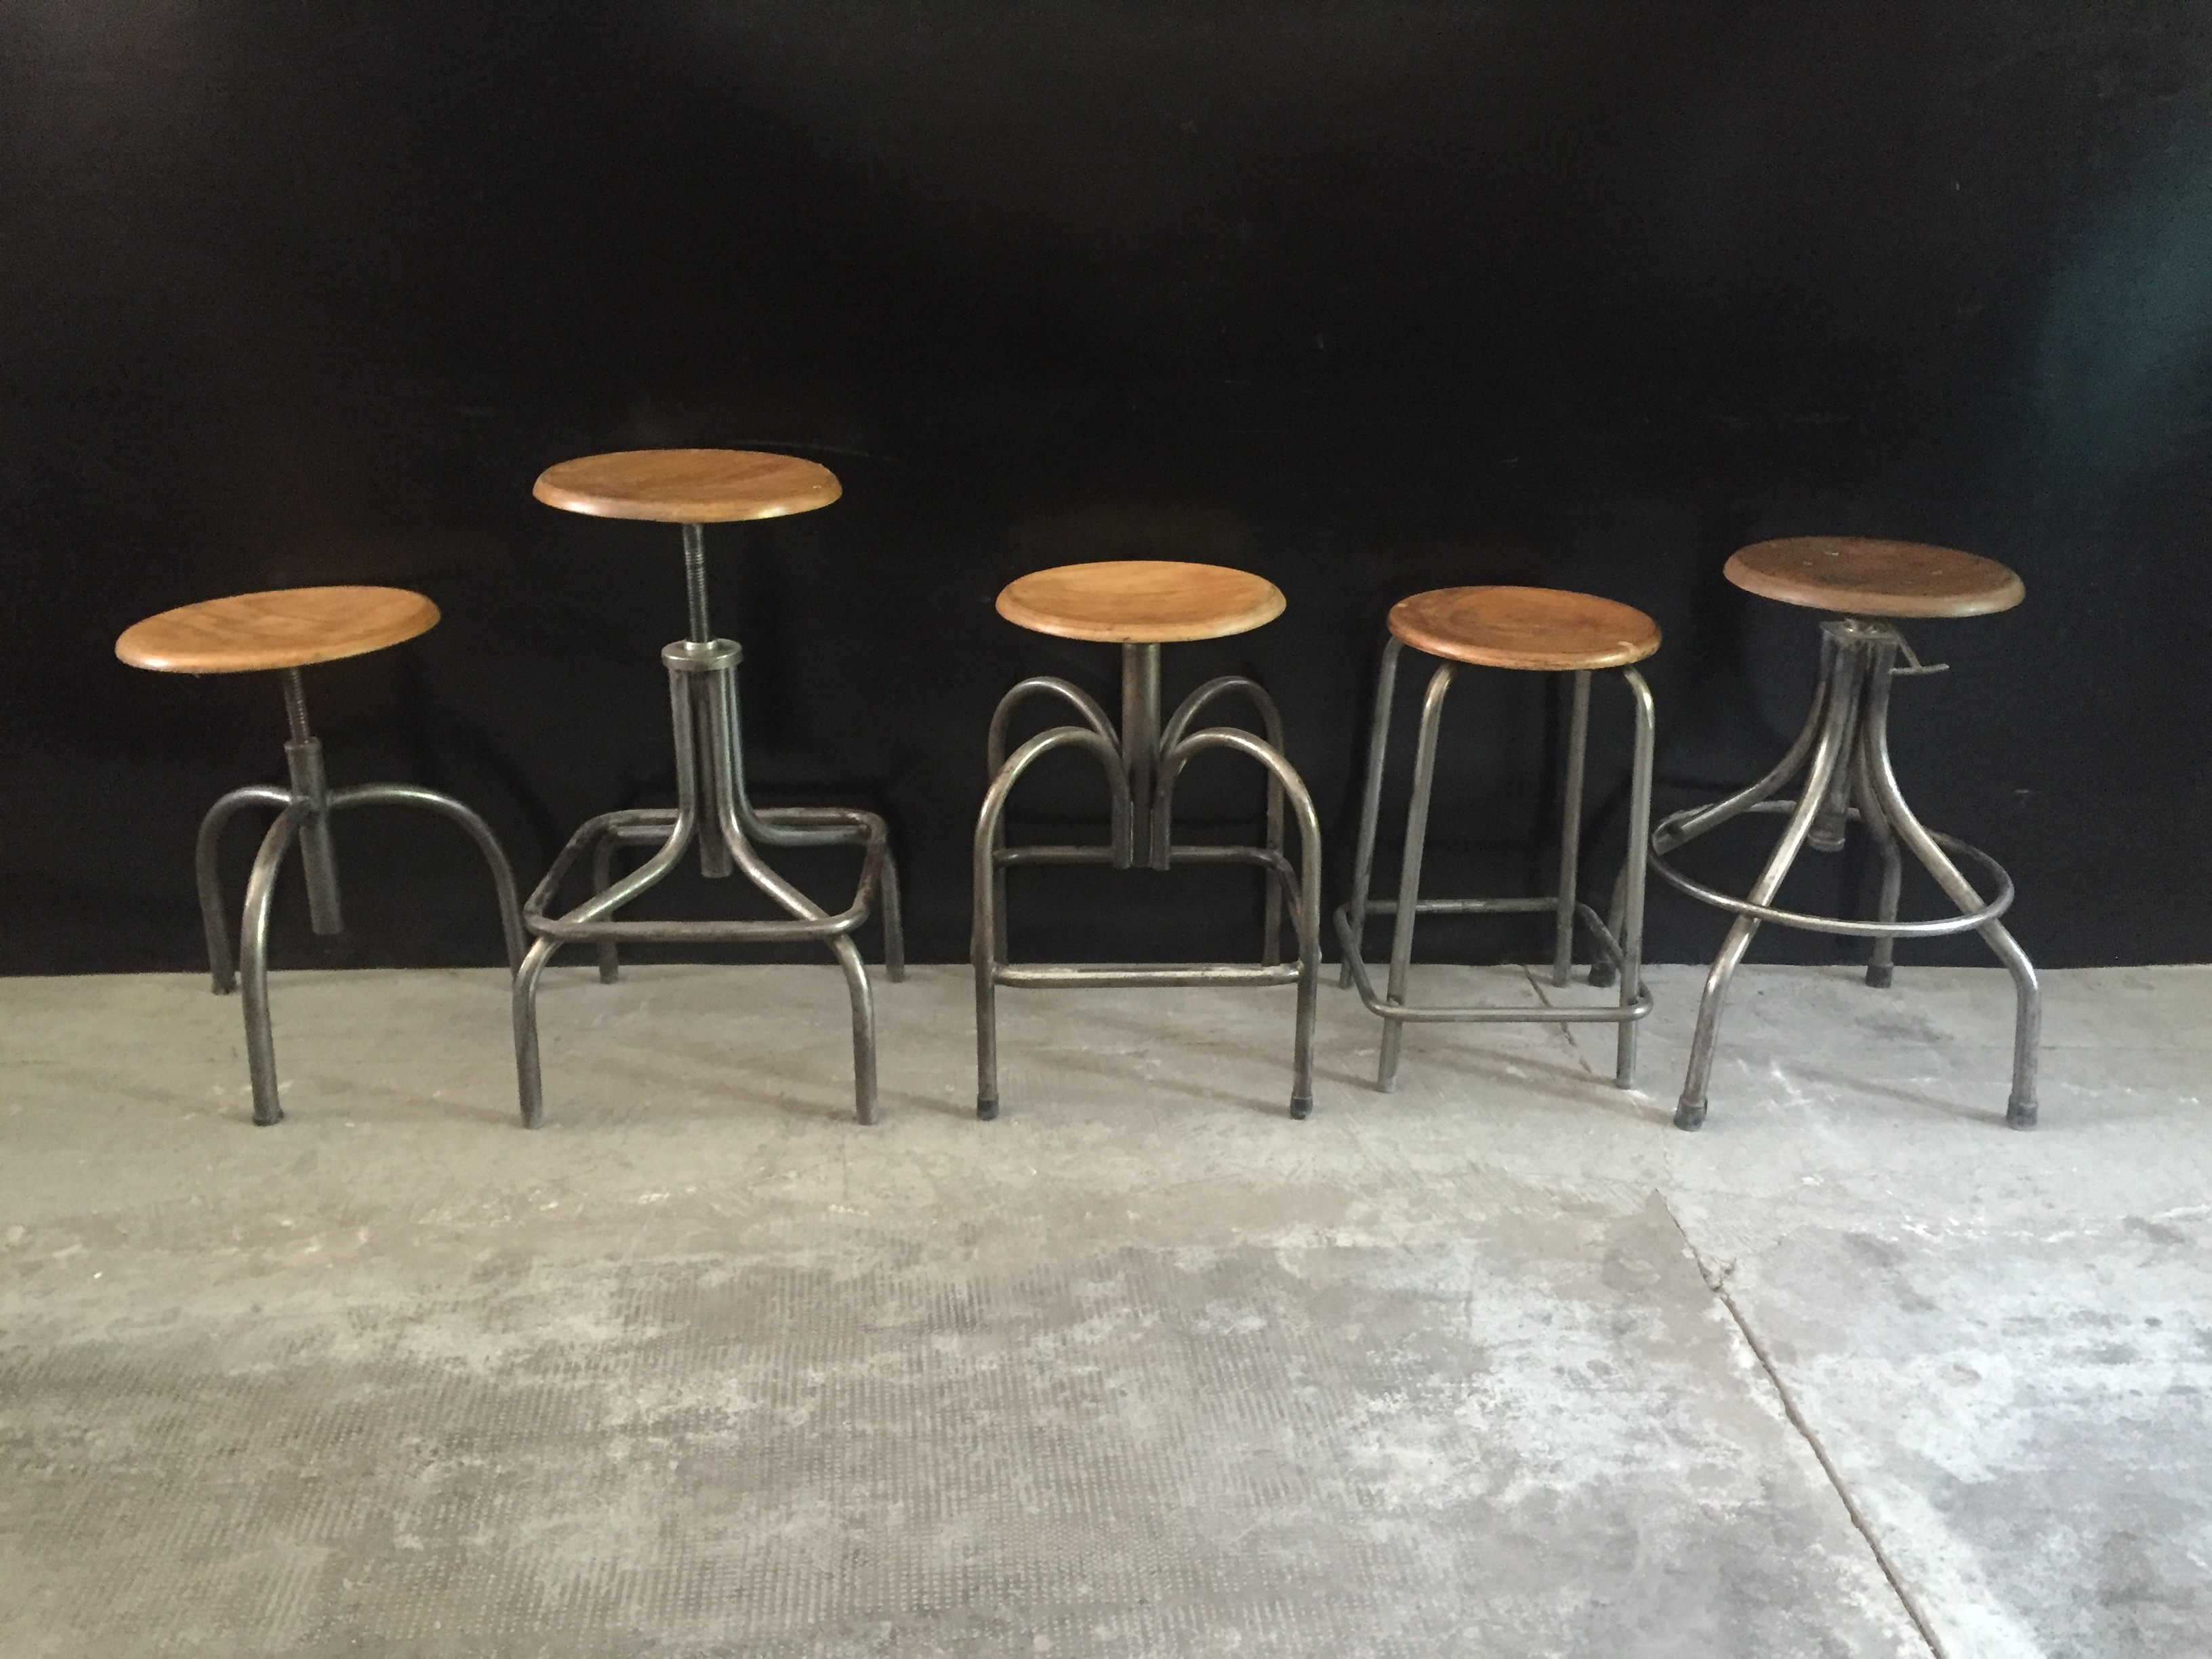 Soggiorno decorazione d interni bar caffè con barra di legno e una